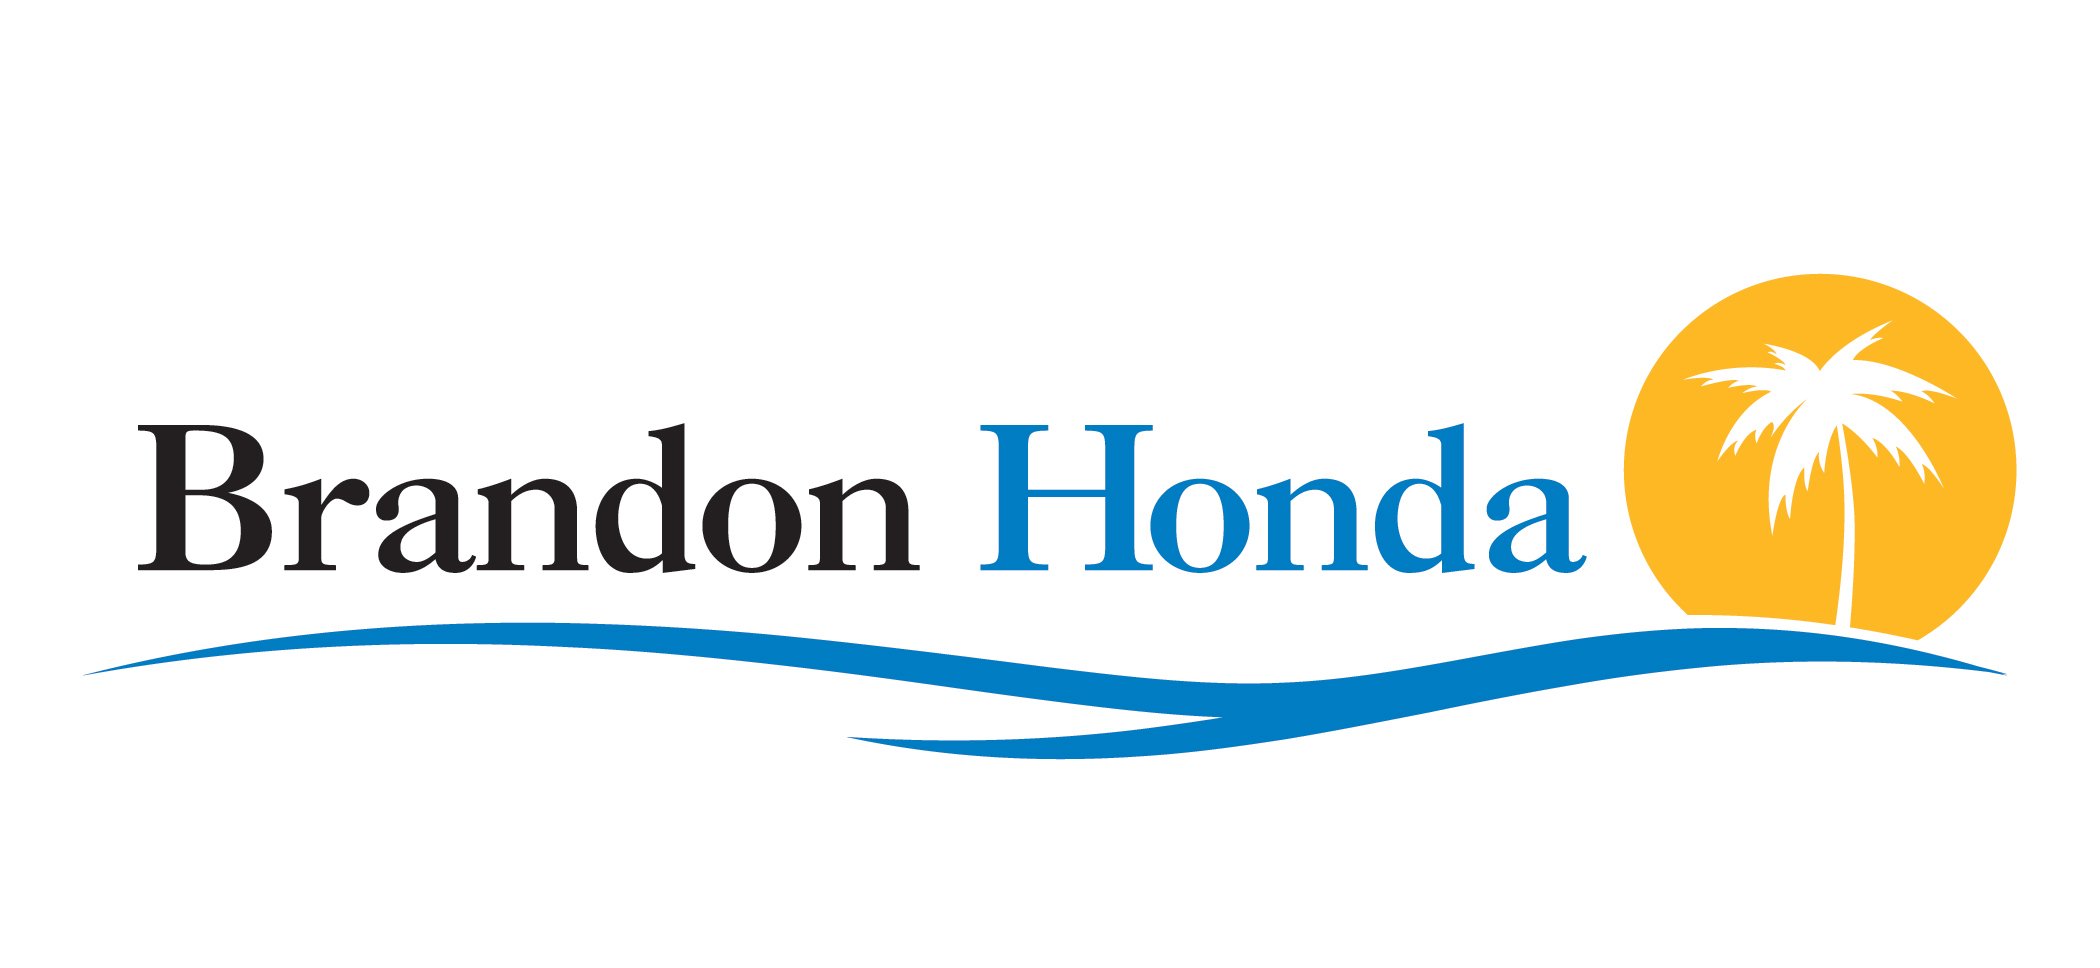 Brandon Honda